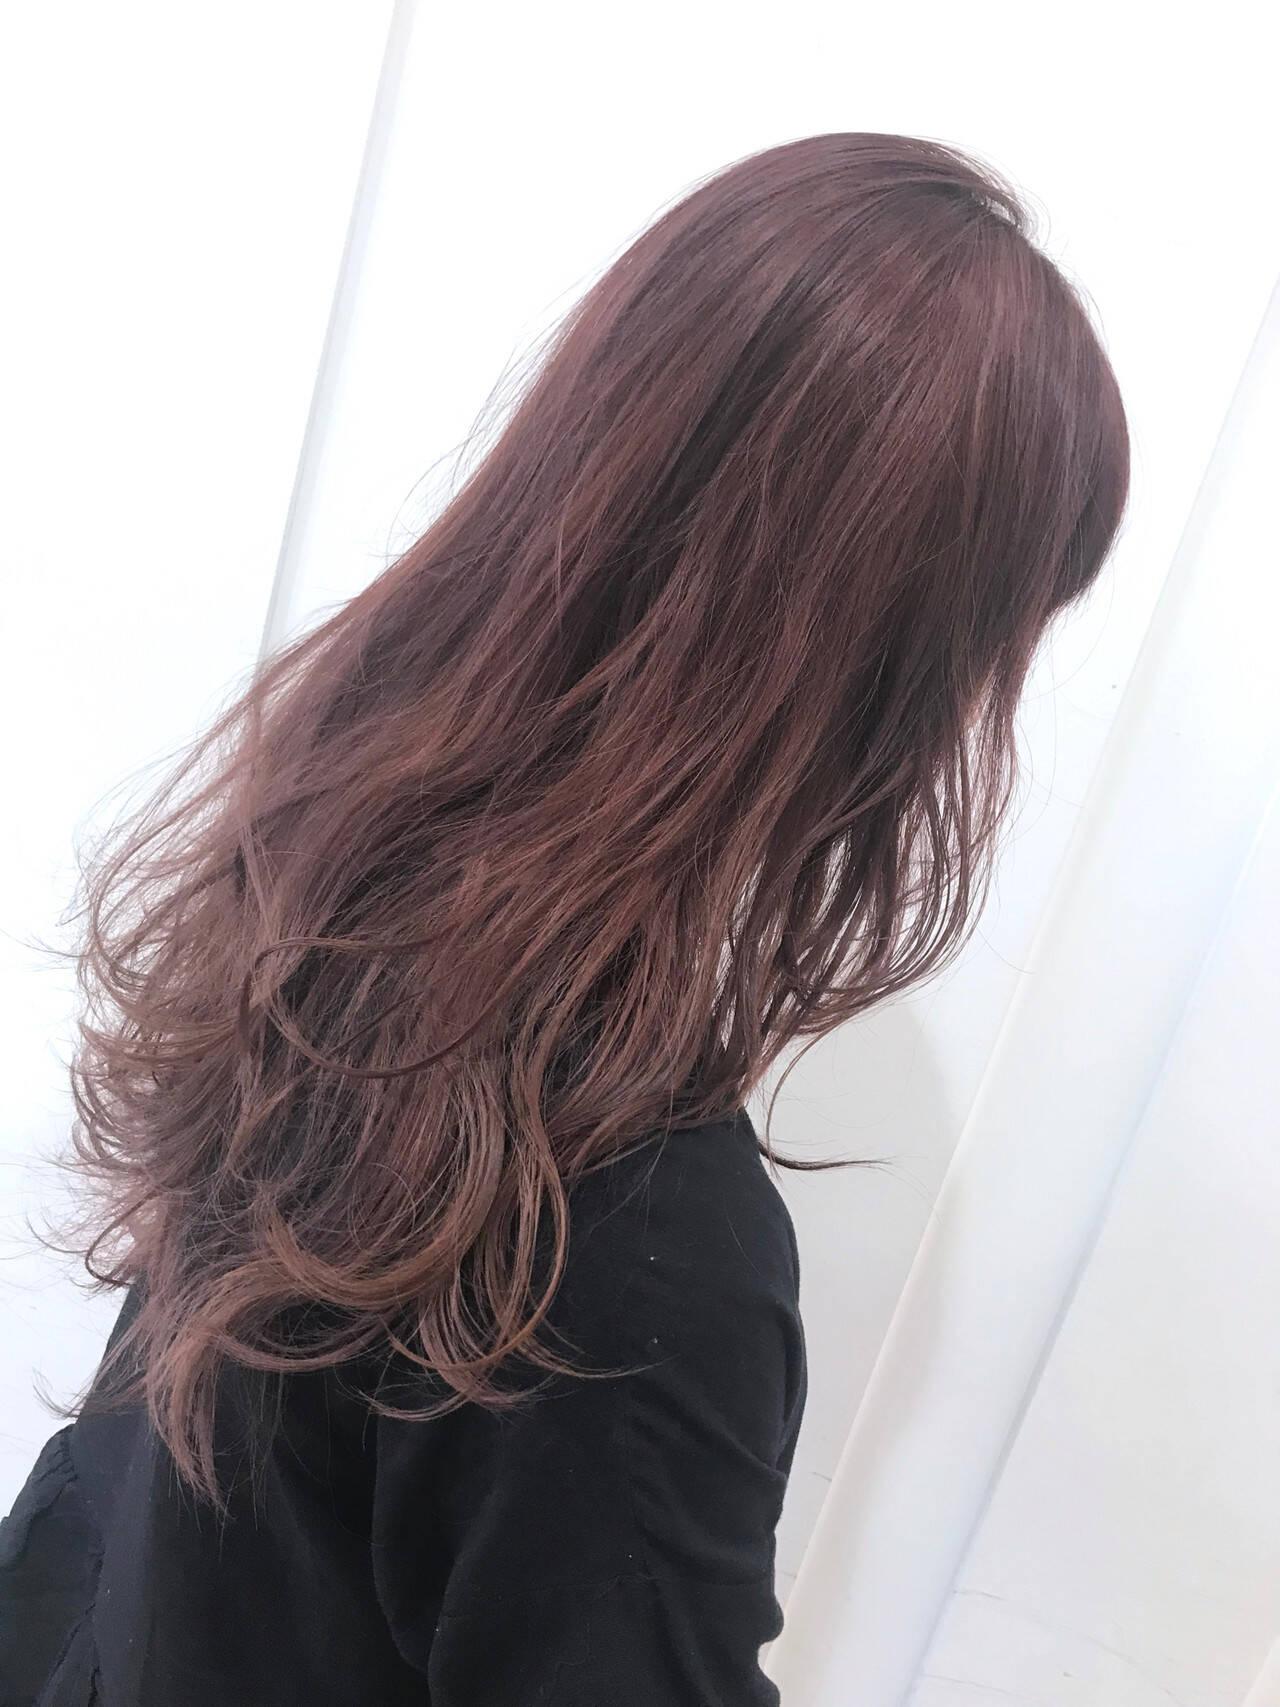 ダブルカラー ロング ハイトーンカラー グラデーションカラーヘアスタイルや髪型の写真・画像